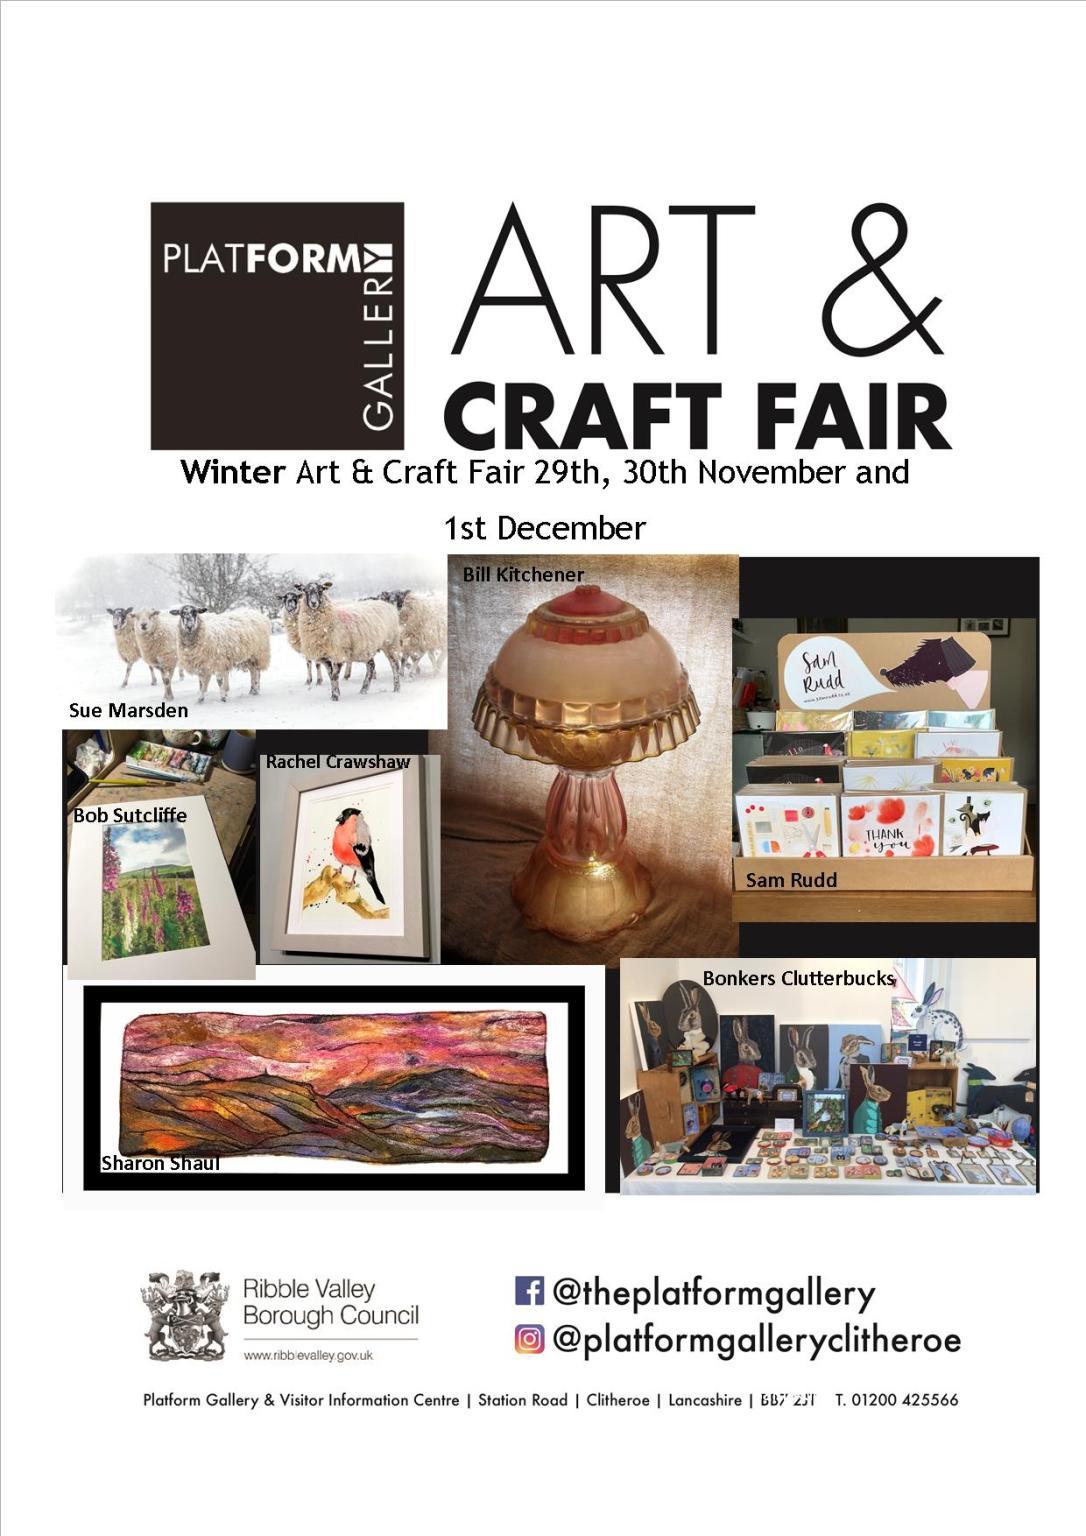 Winter Art & Craft Fair Poster 2